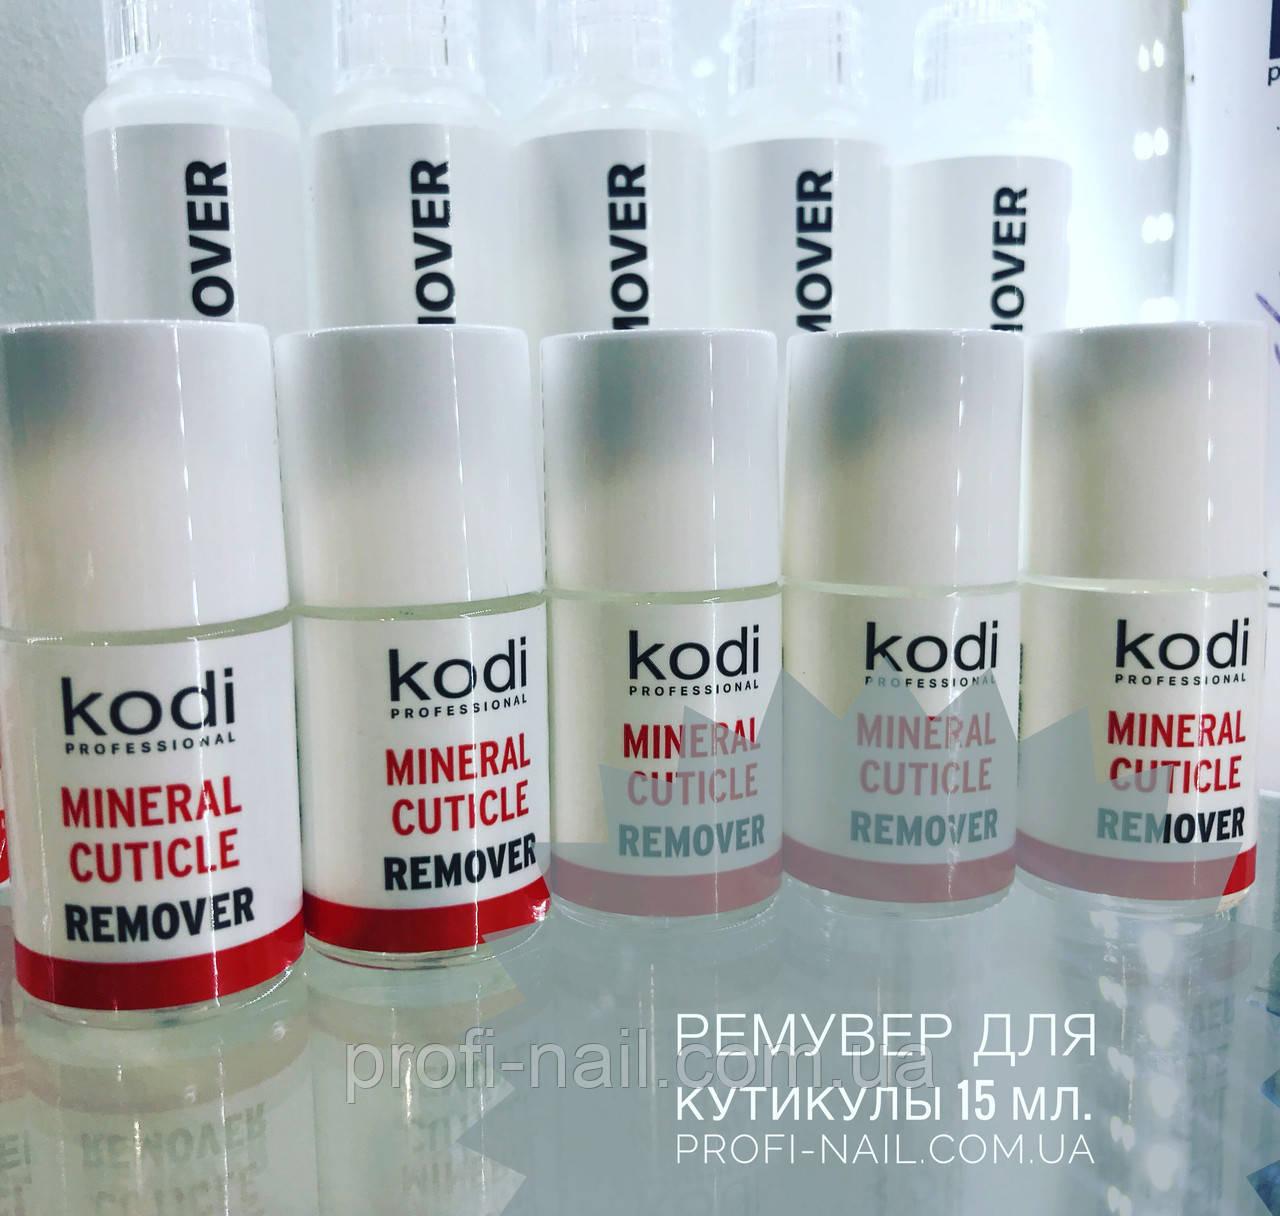 Ремувер для кутикулы kodi professional, 15 мл.